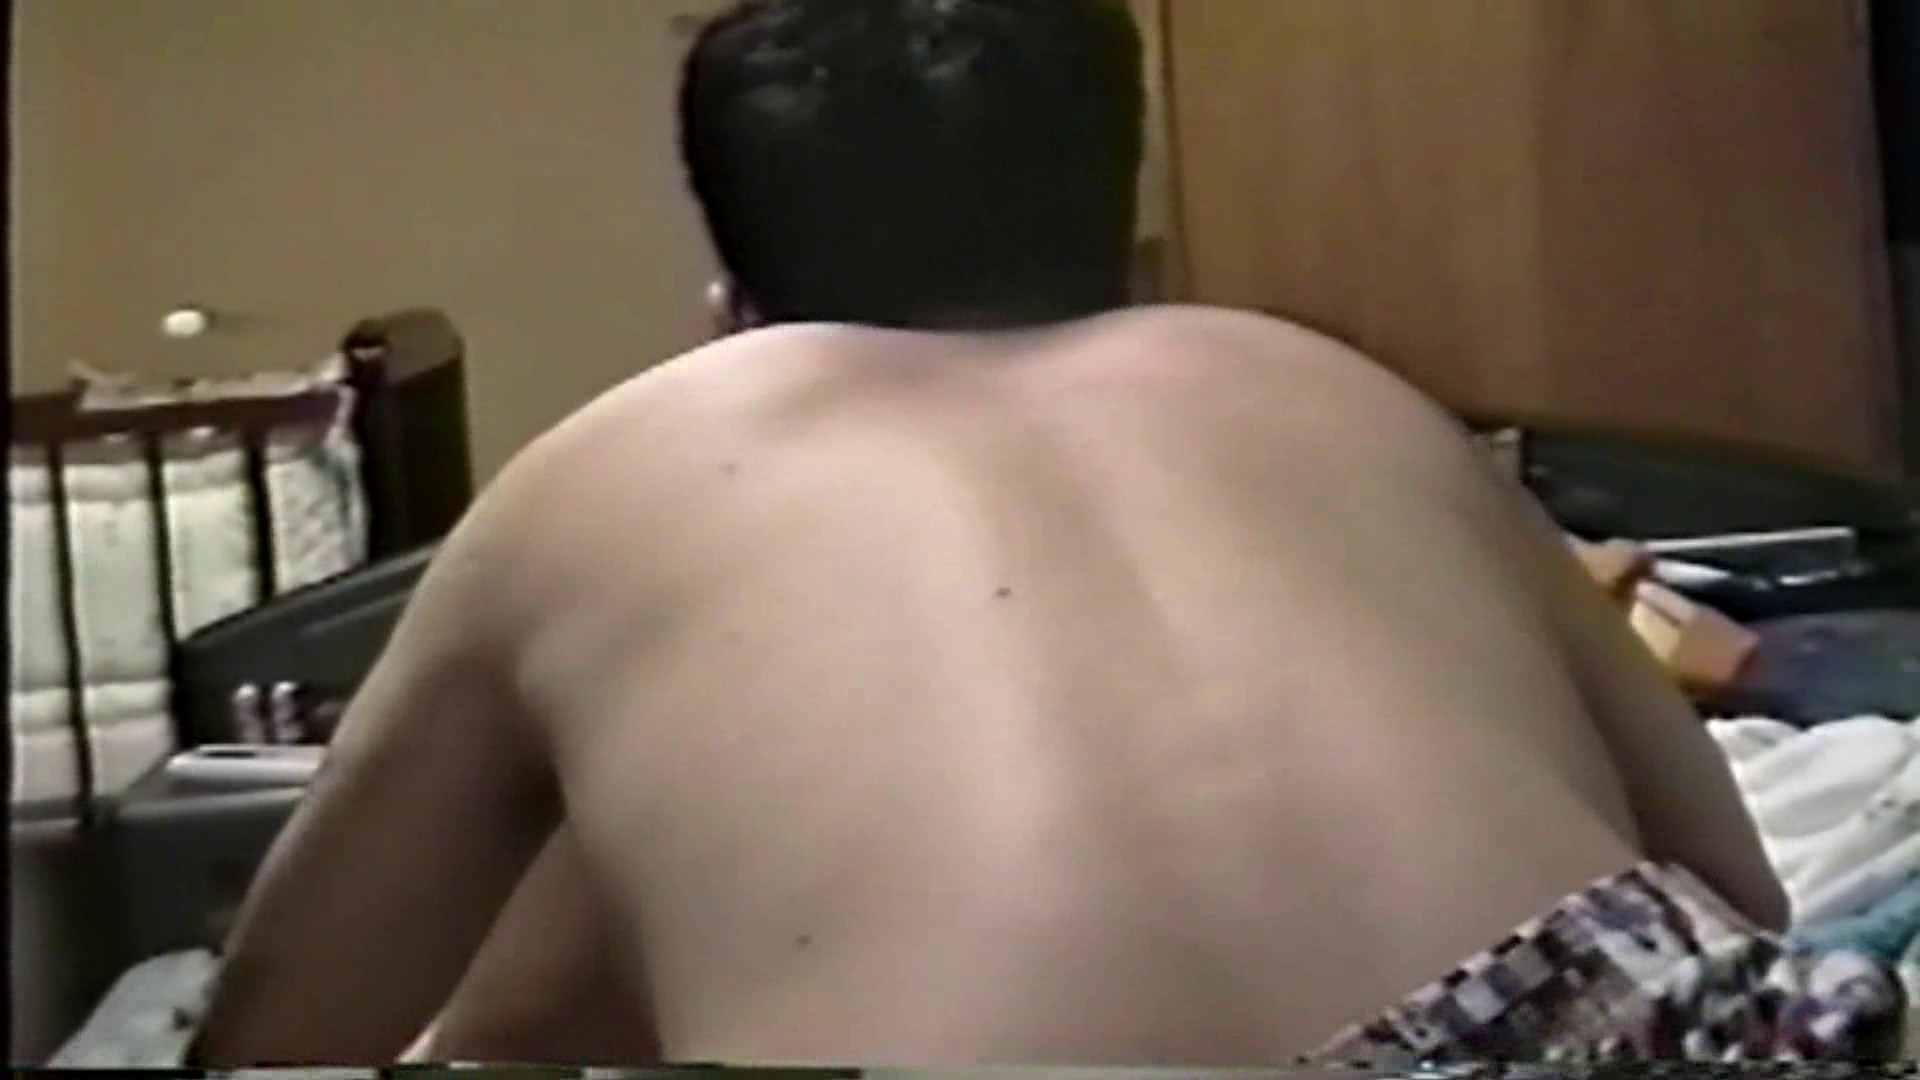 この隠し撮り野郎 No.01 初めての隠し撮り,色々やってみました。 淫乱  85pic 28